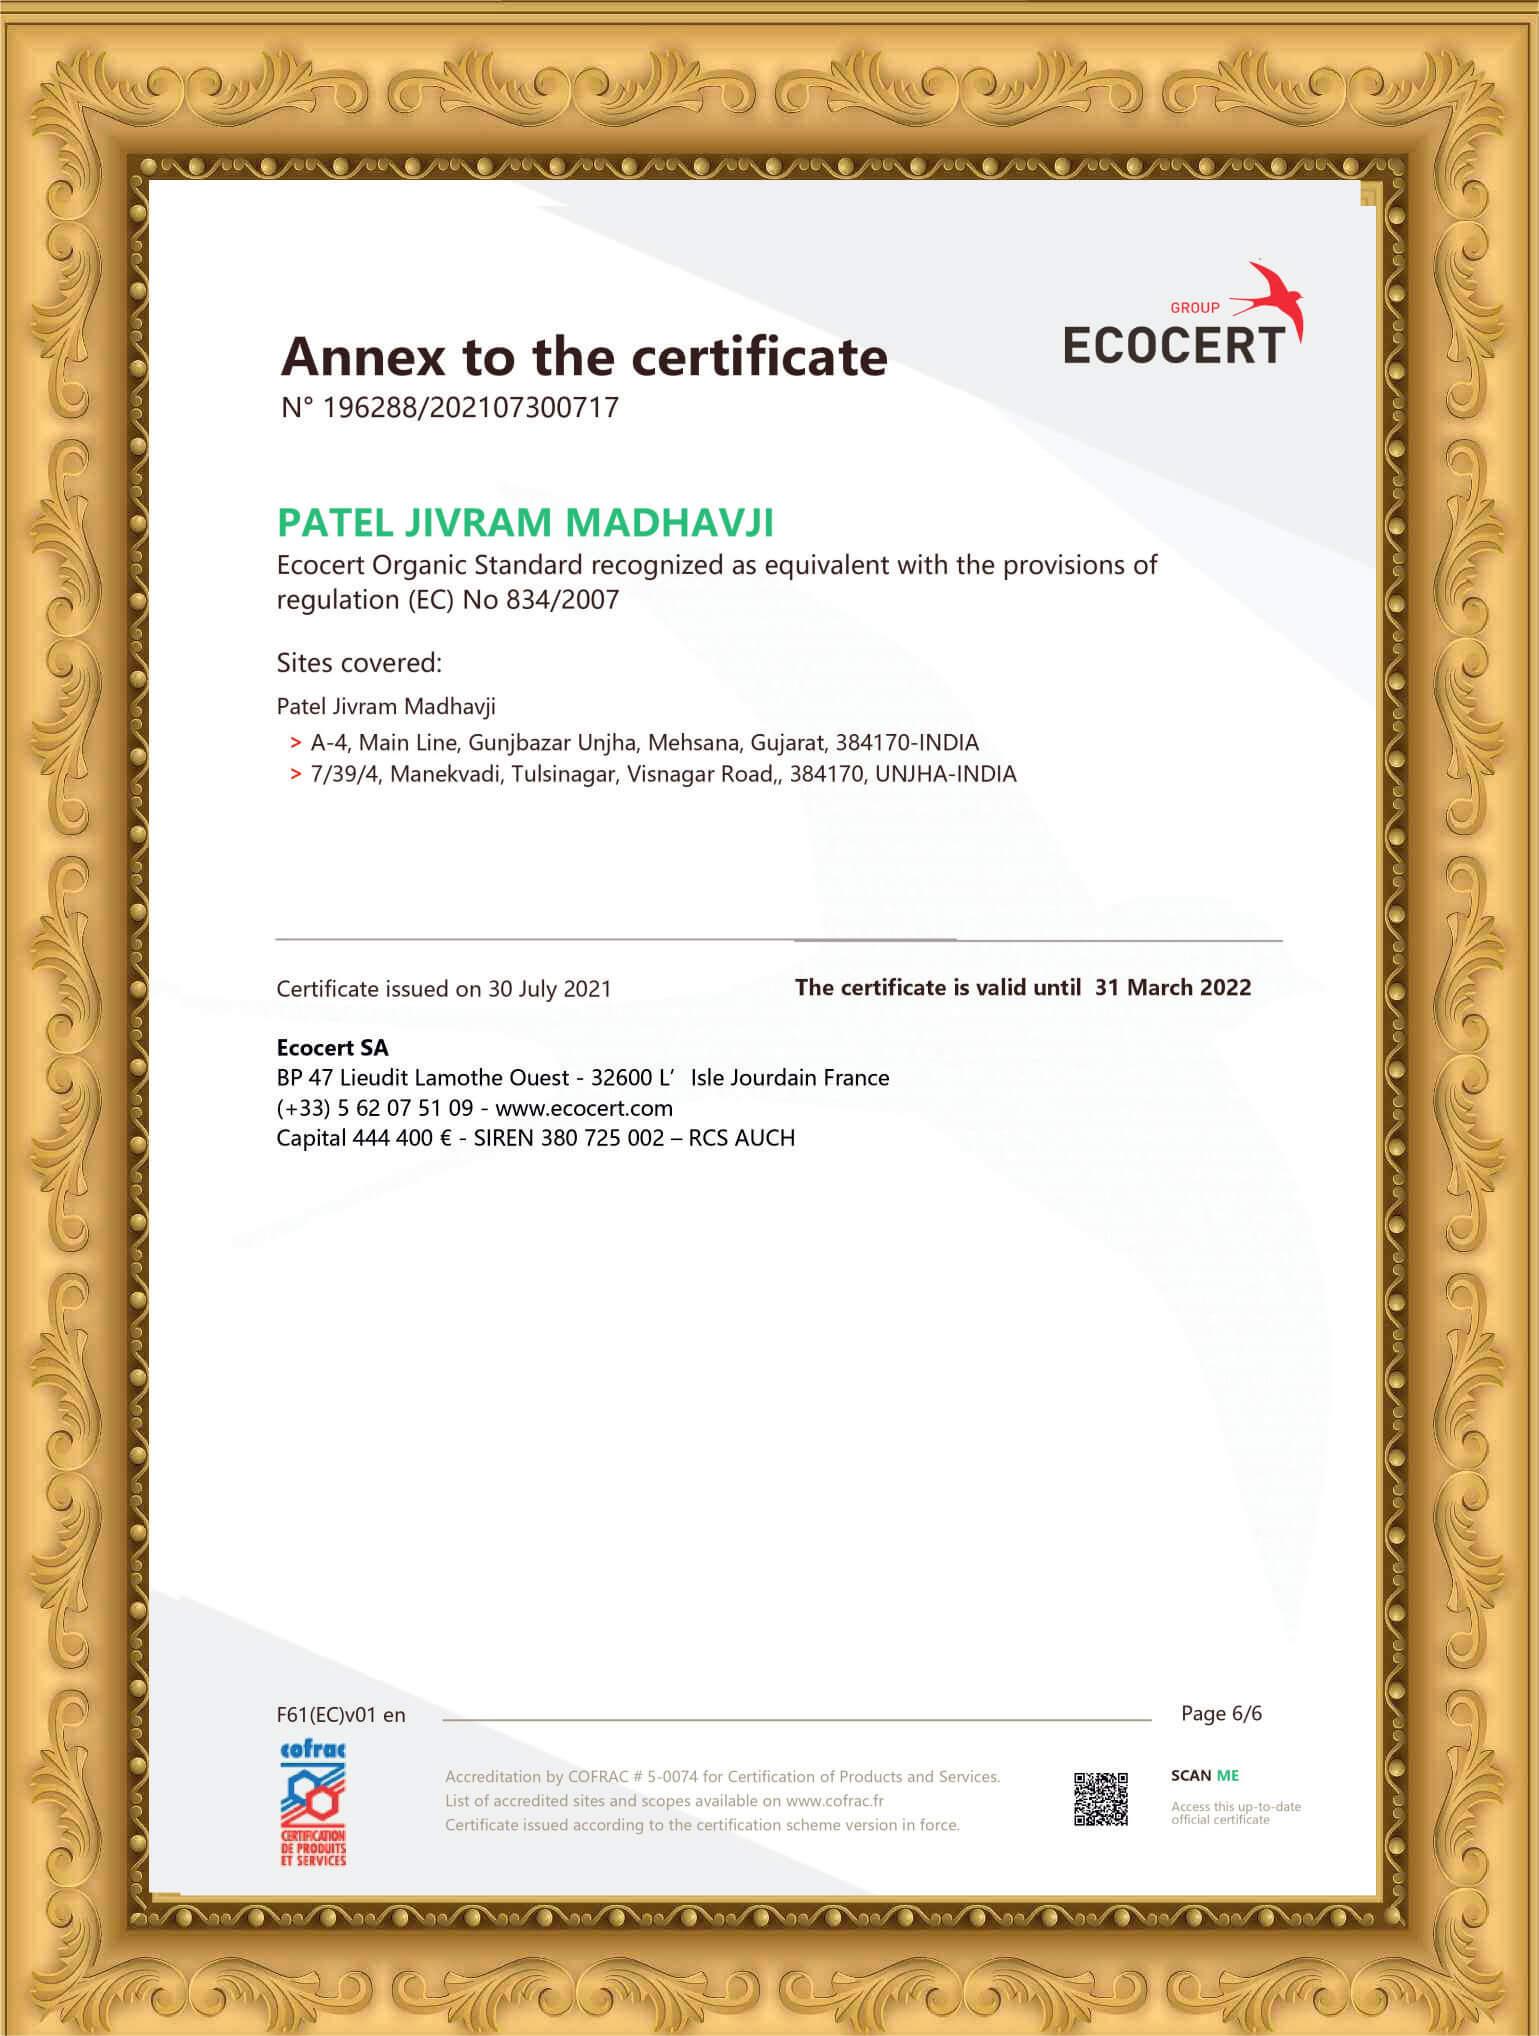 certificate-6-min.jpg